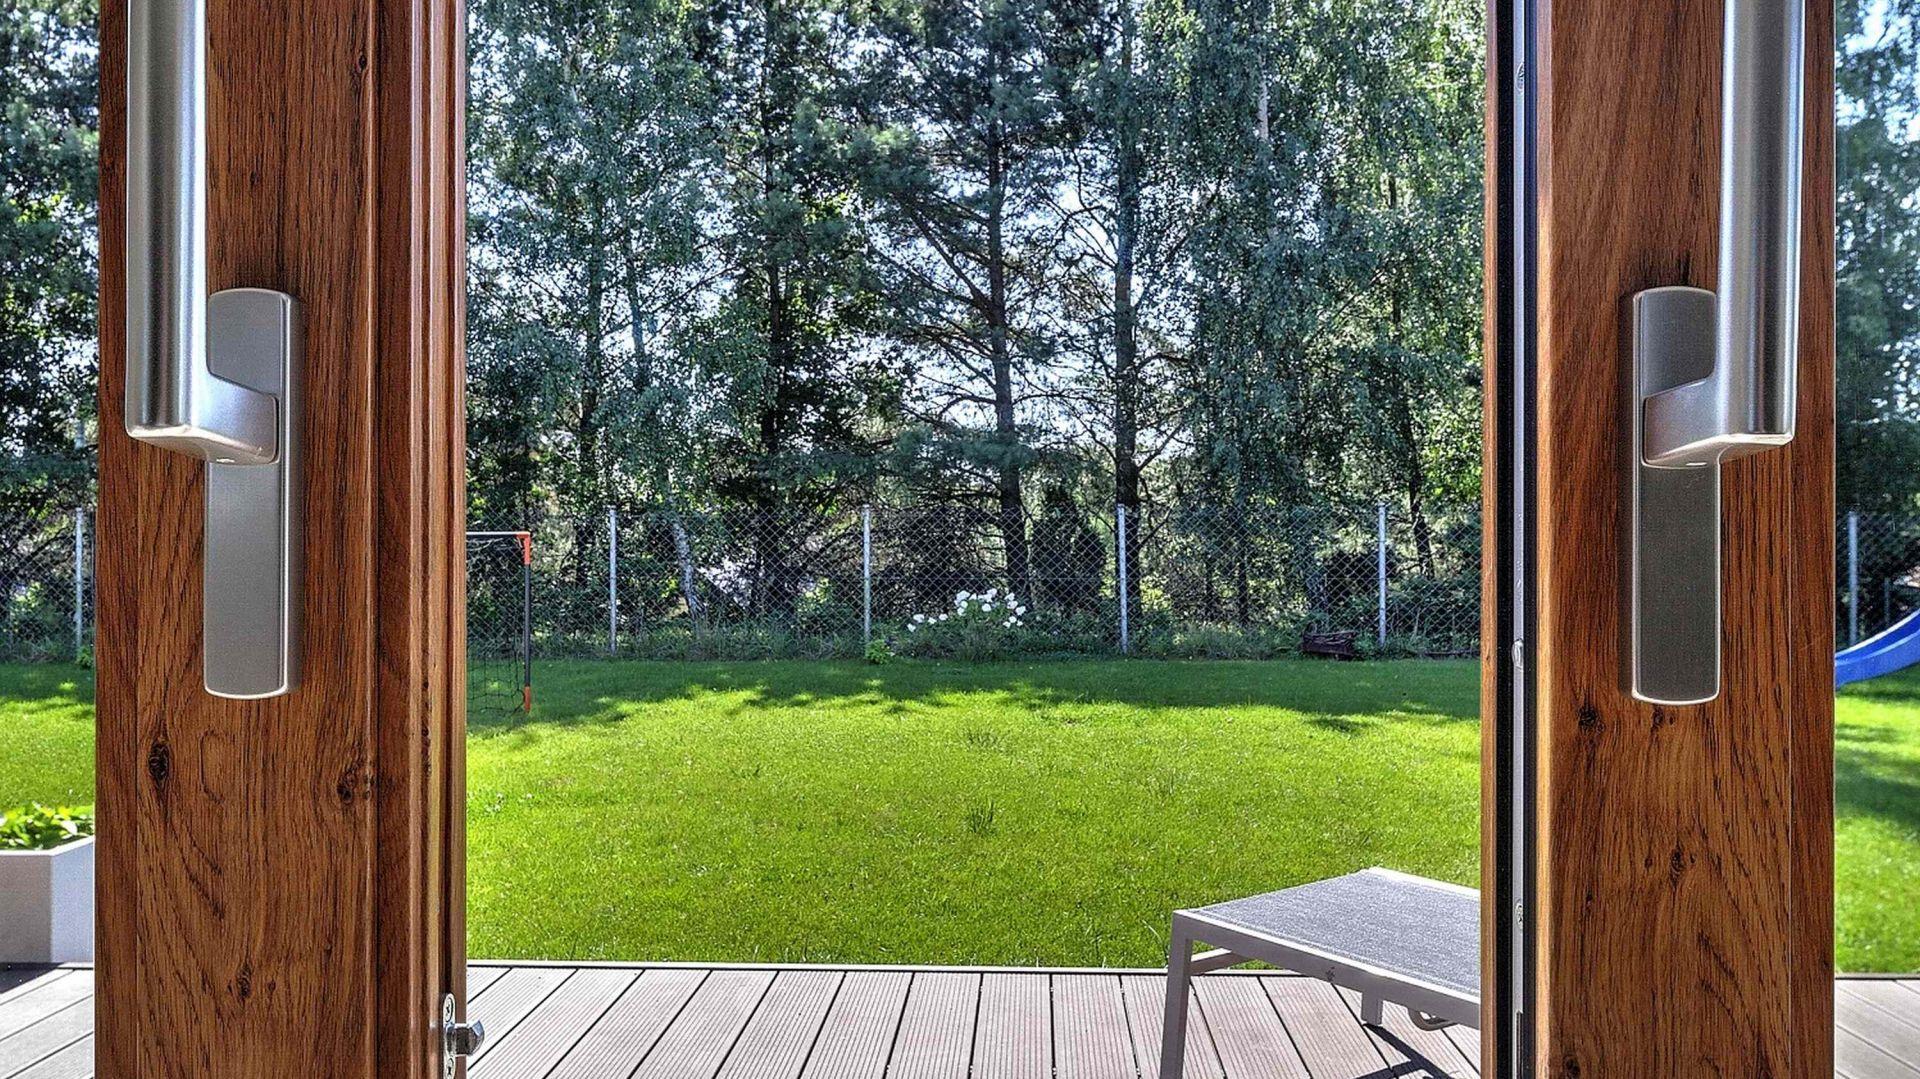 Okna Wood Look podobnie jak wszystkie propozycje MS więcej niż OKNA oferują znakomite parametry użytkowe. Produkowane są z niemieckich 6-komorowych profili SALAMANDER o szerokości 82 mm. W wersji z ramką THERMOBAR współczynnik przenikania ciepła Uw=0,71 W/m2K! Fot. MS więcej niż OKNA